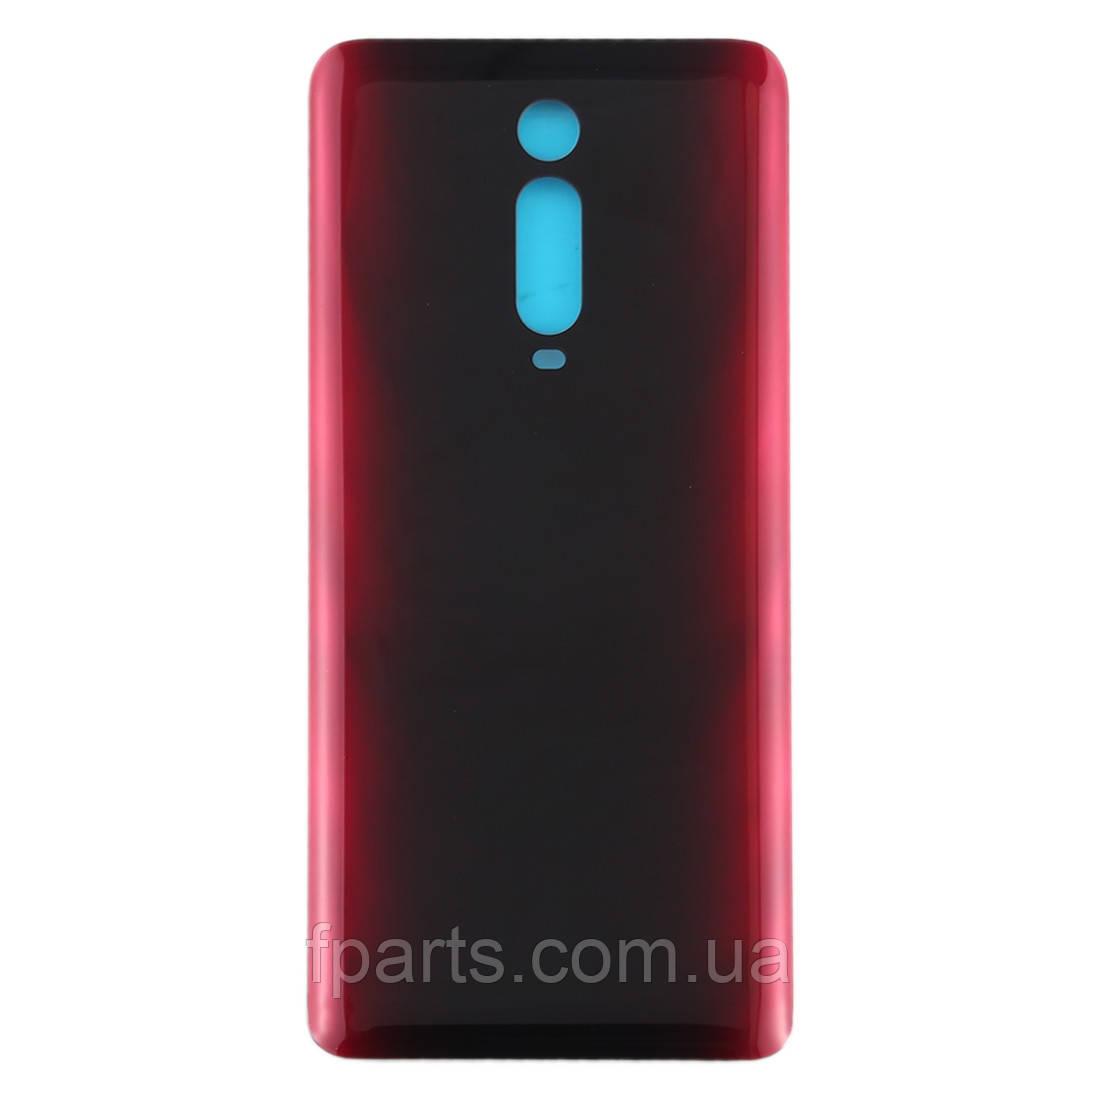 Задняя крышка Xiaomi Mi 9T, Red